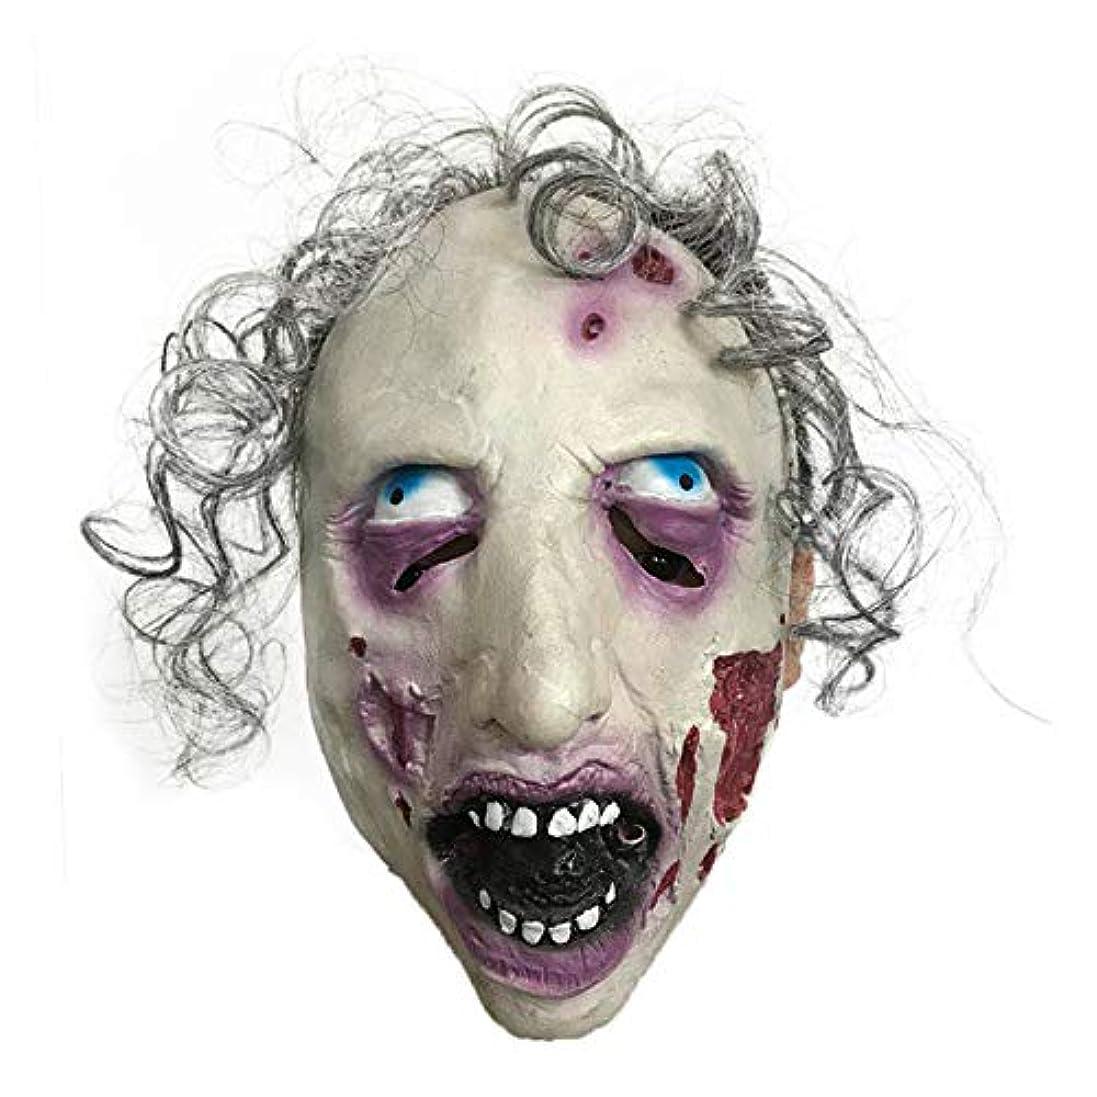 意気揚々広がりテレビを見るマスクでハロウィンホラー、ゾンビマスク、オタクダンスドレス、腐った顔を果たし、銀